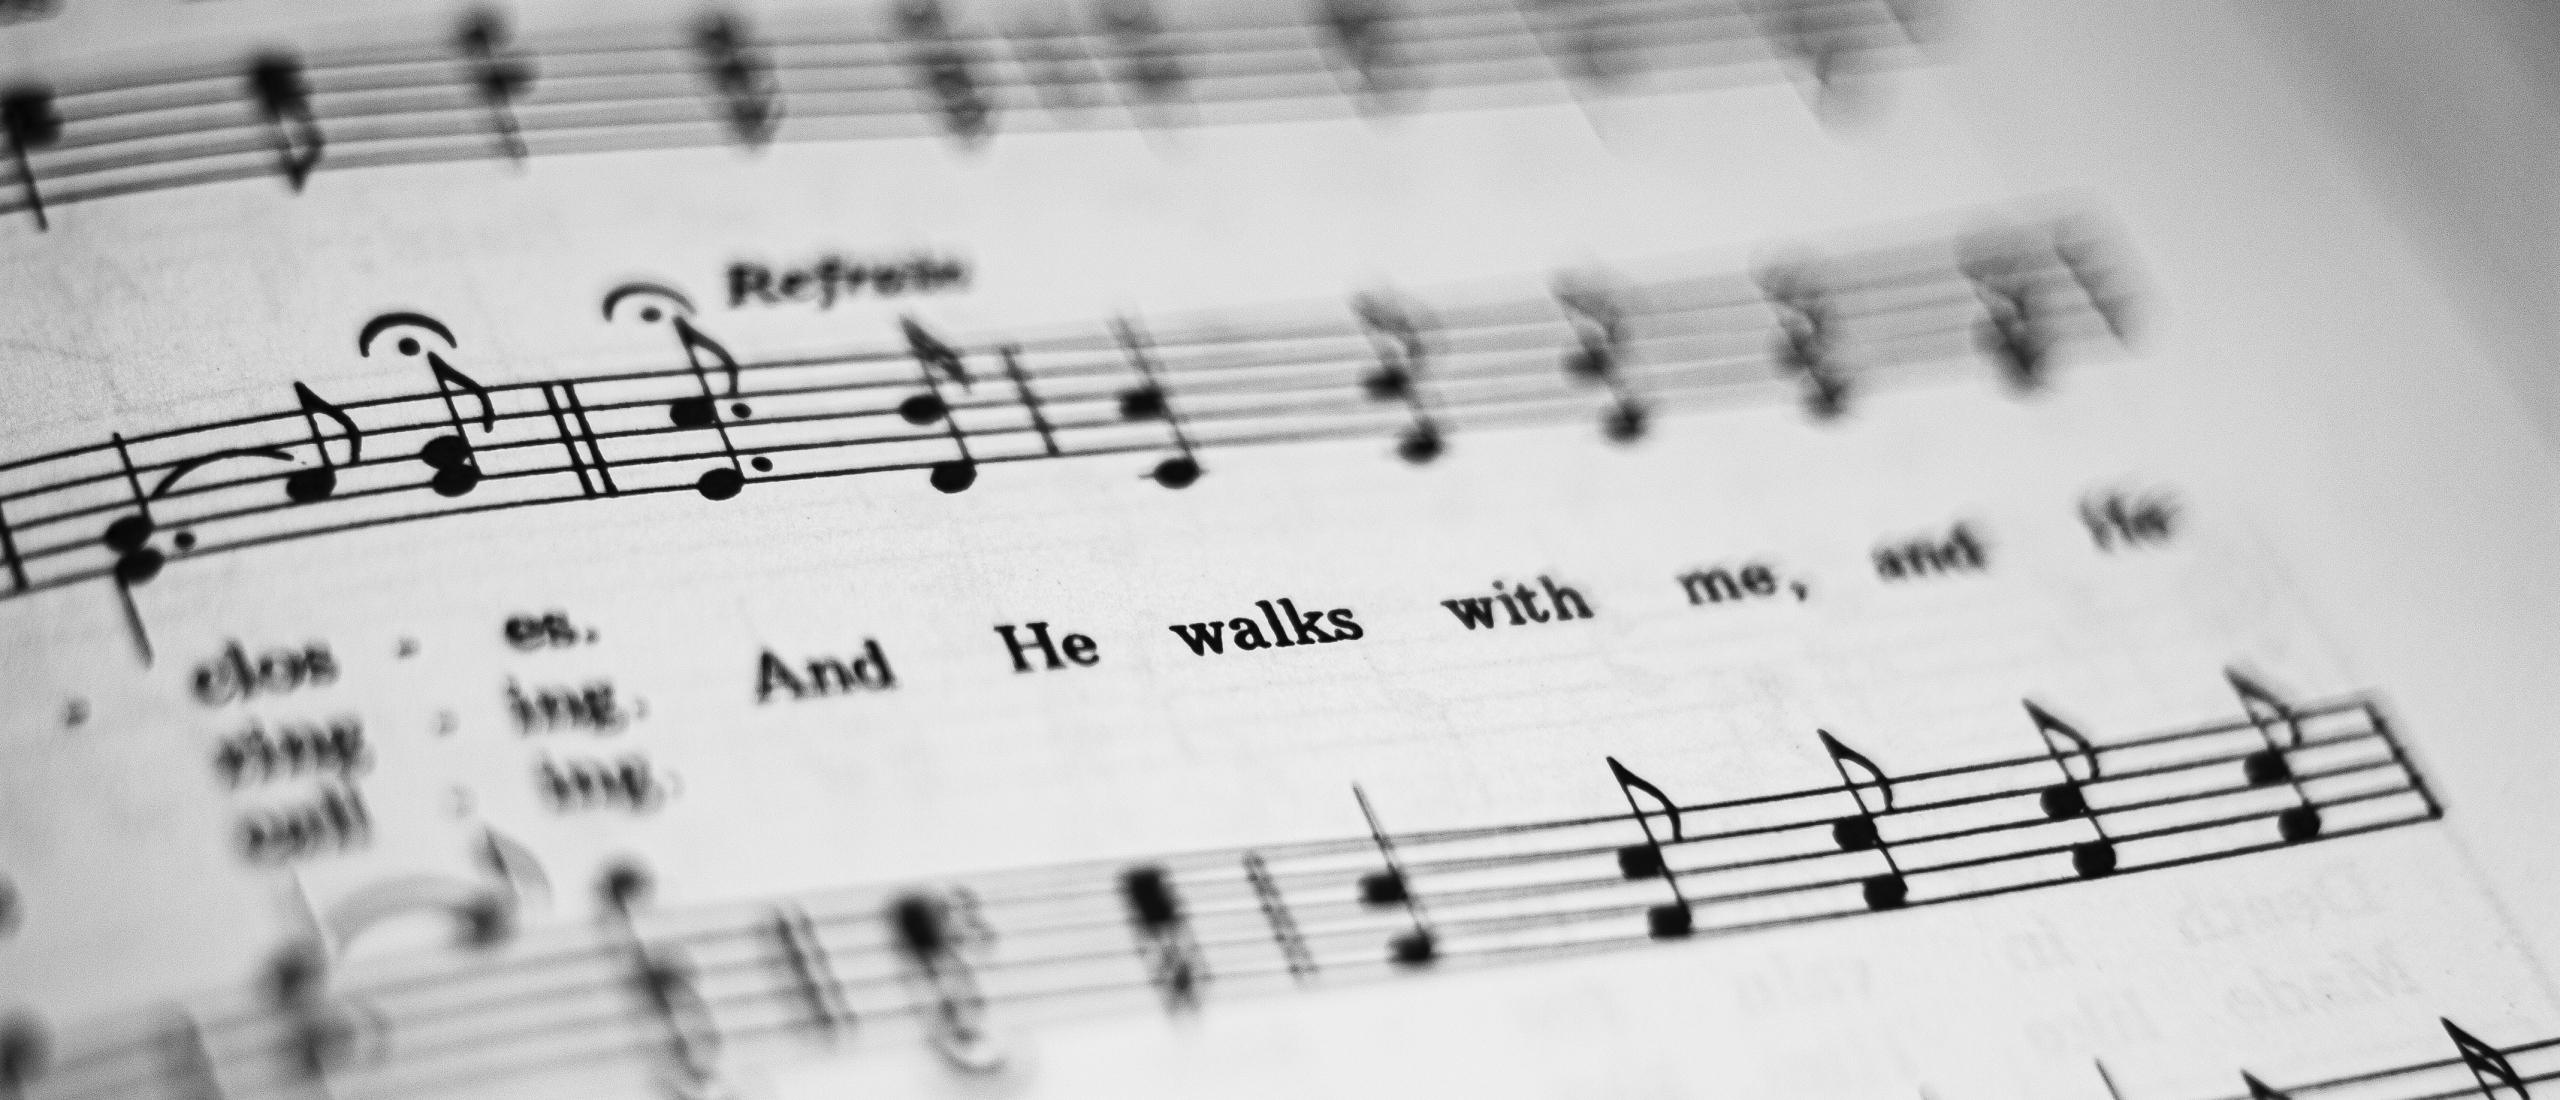 Hoe kies je een comfortabel tempo om nieuwe muziek te zingen?